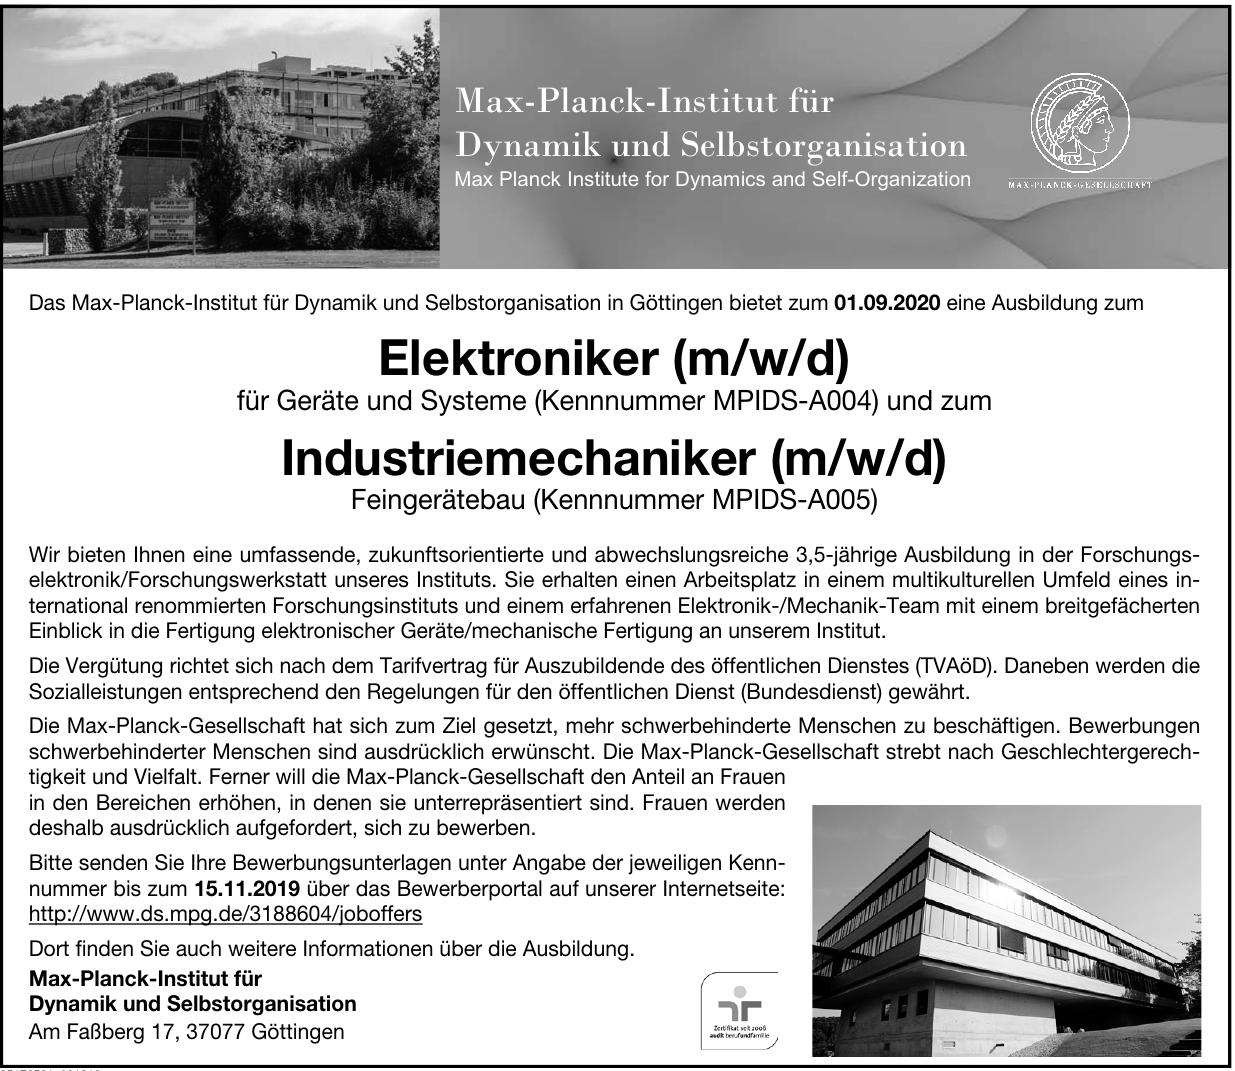 Max-Planck-Institut für Dynamik und Selbstorganisation